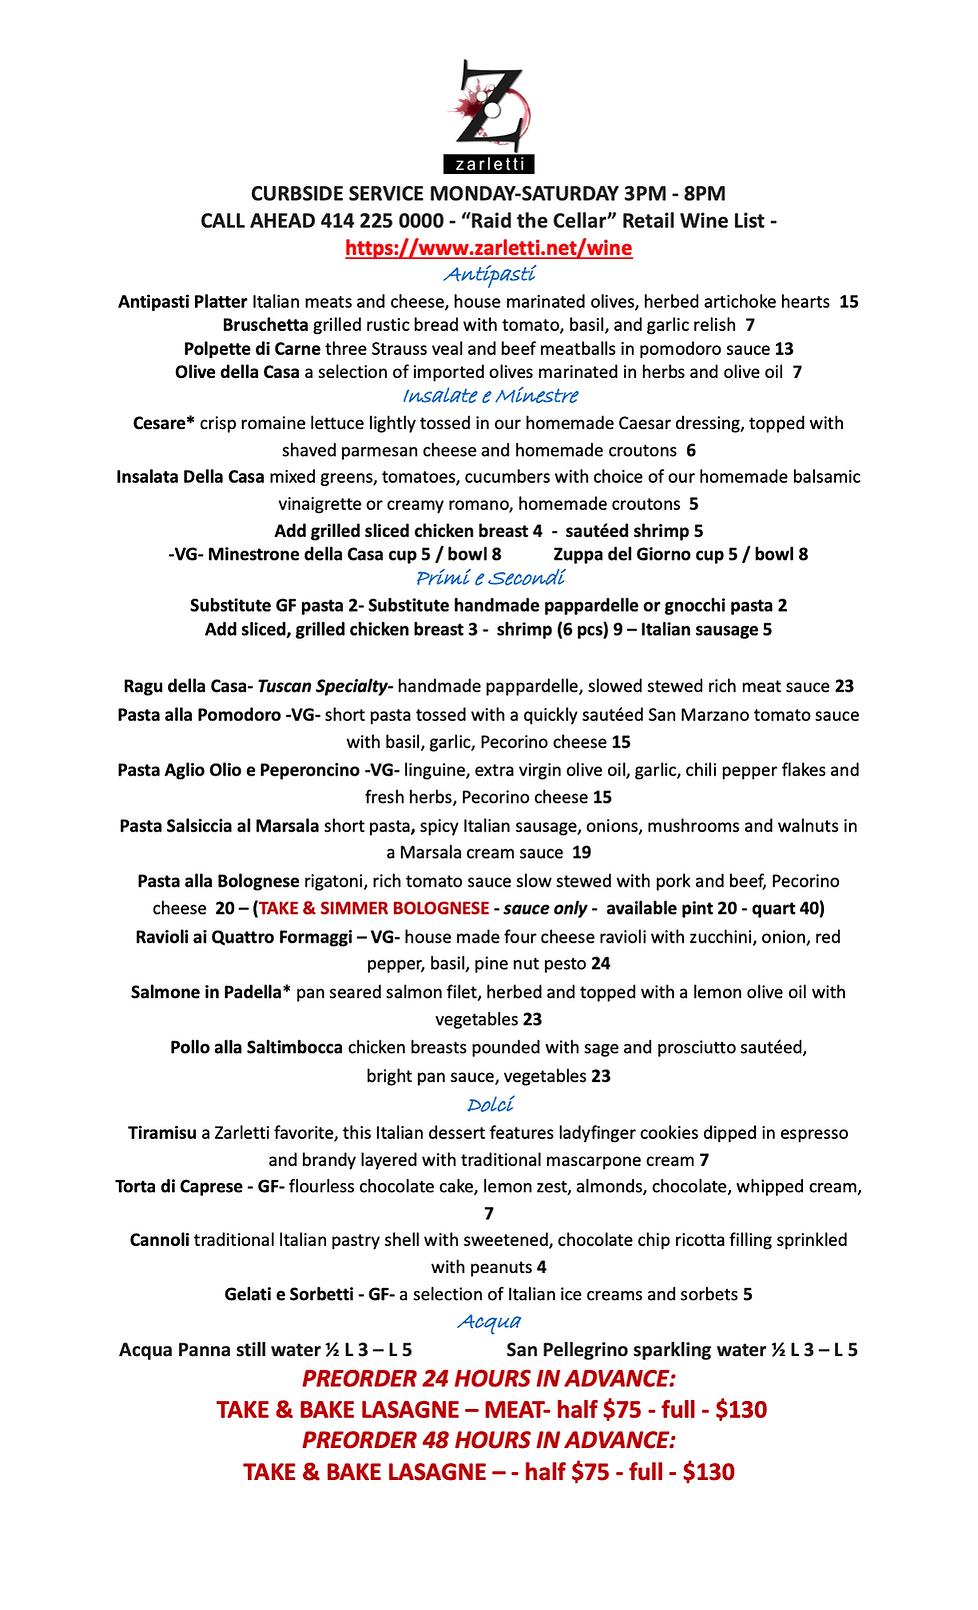 Zarletti Takeout Curbside Menu 3-5-2021.